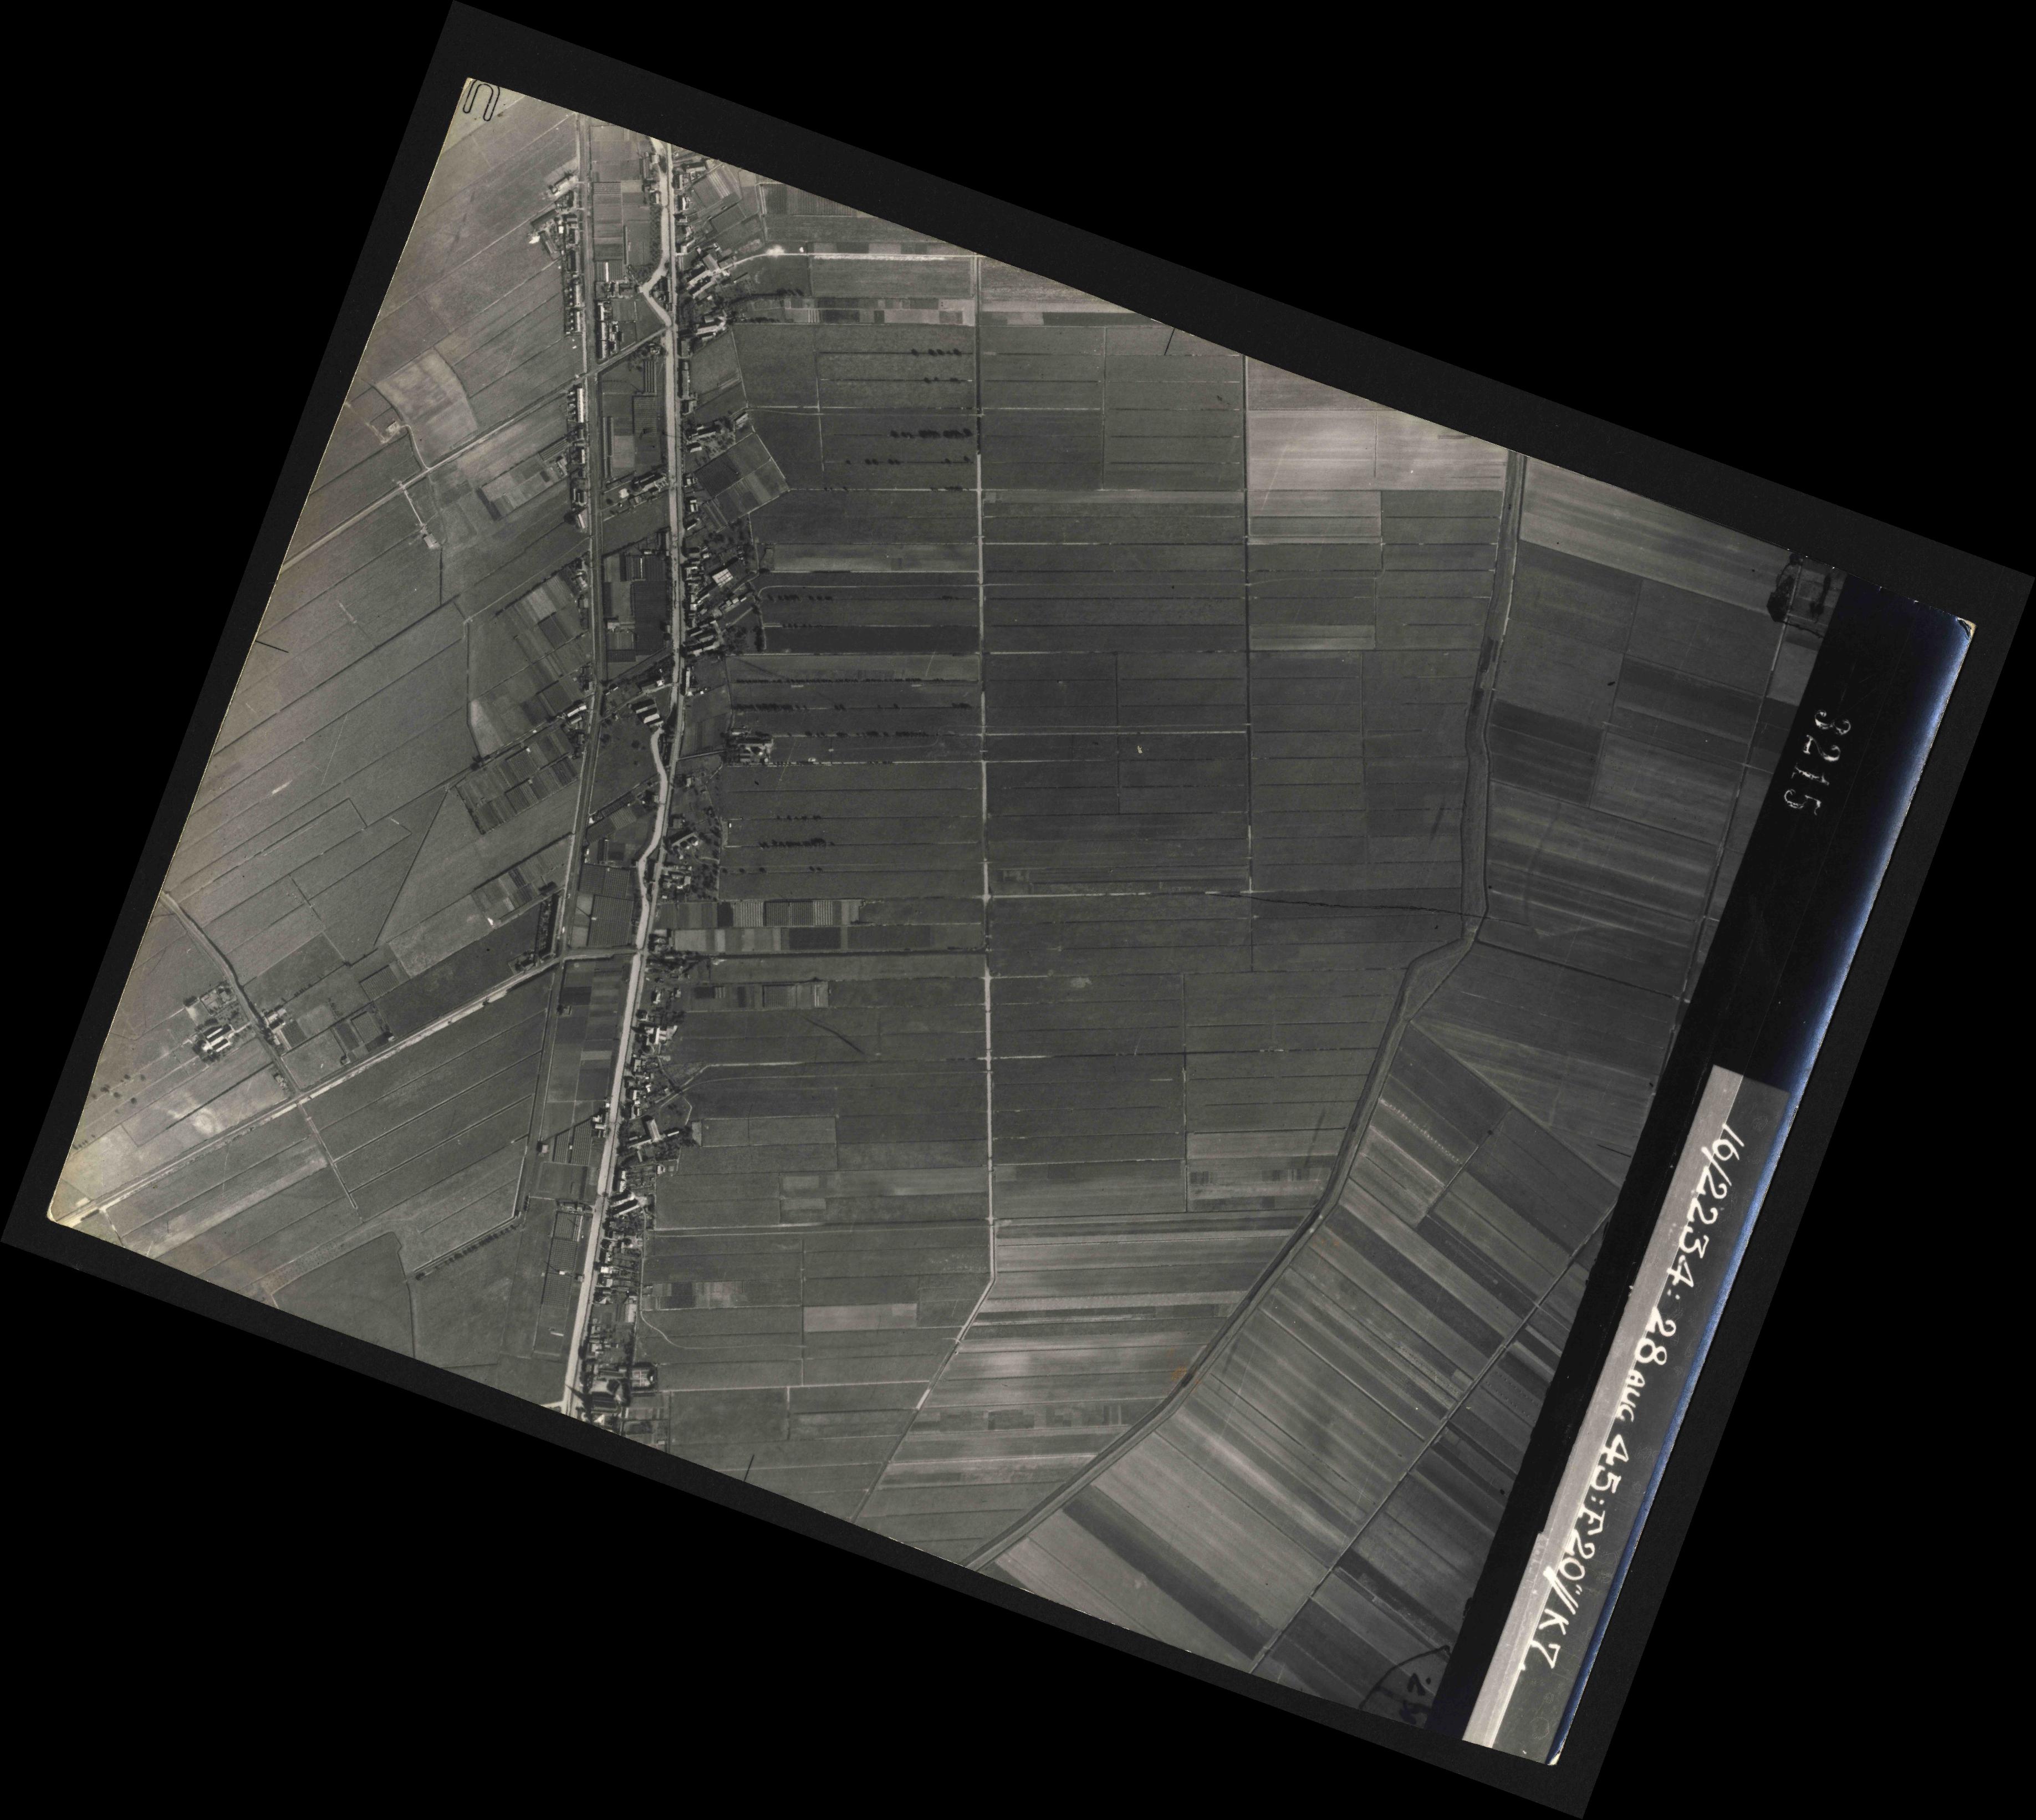 Collection RAF aerial photos 1940-1945 - flight 031, run 02, photo 3215